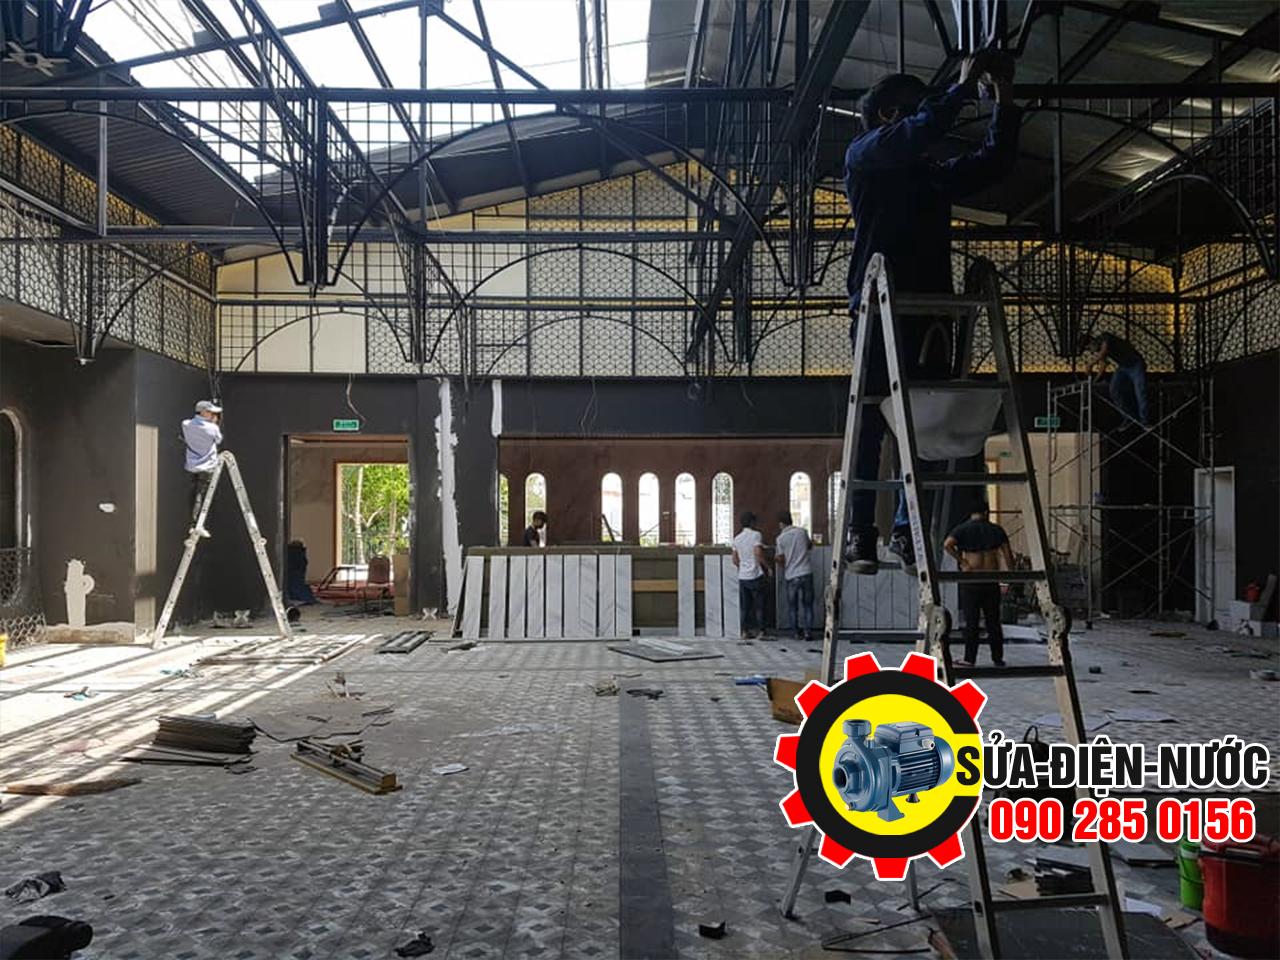 Sửa điện tại nhà Quận 6 - Thợ sửa chữa điện nước Quận 6